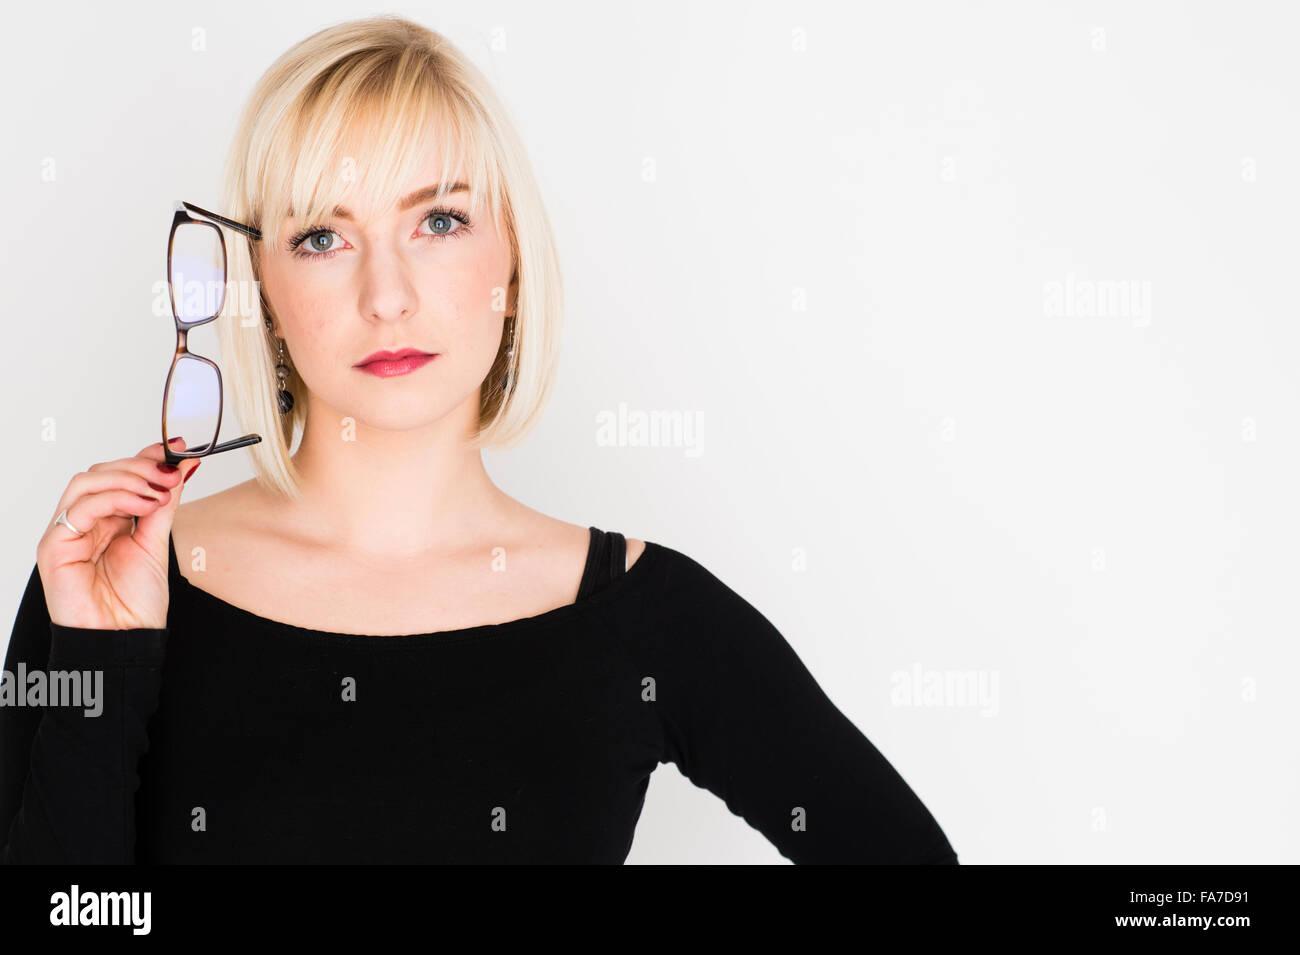 Une jeune femme aux cheveux blonds blonds slim girl, penser, réfléchir, réfléchie, tenant ses Photo Stock